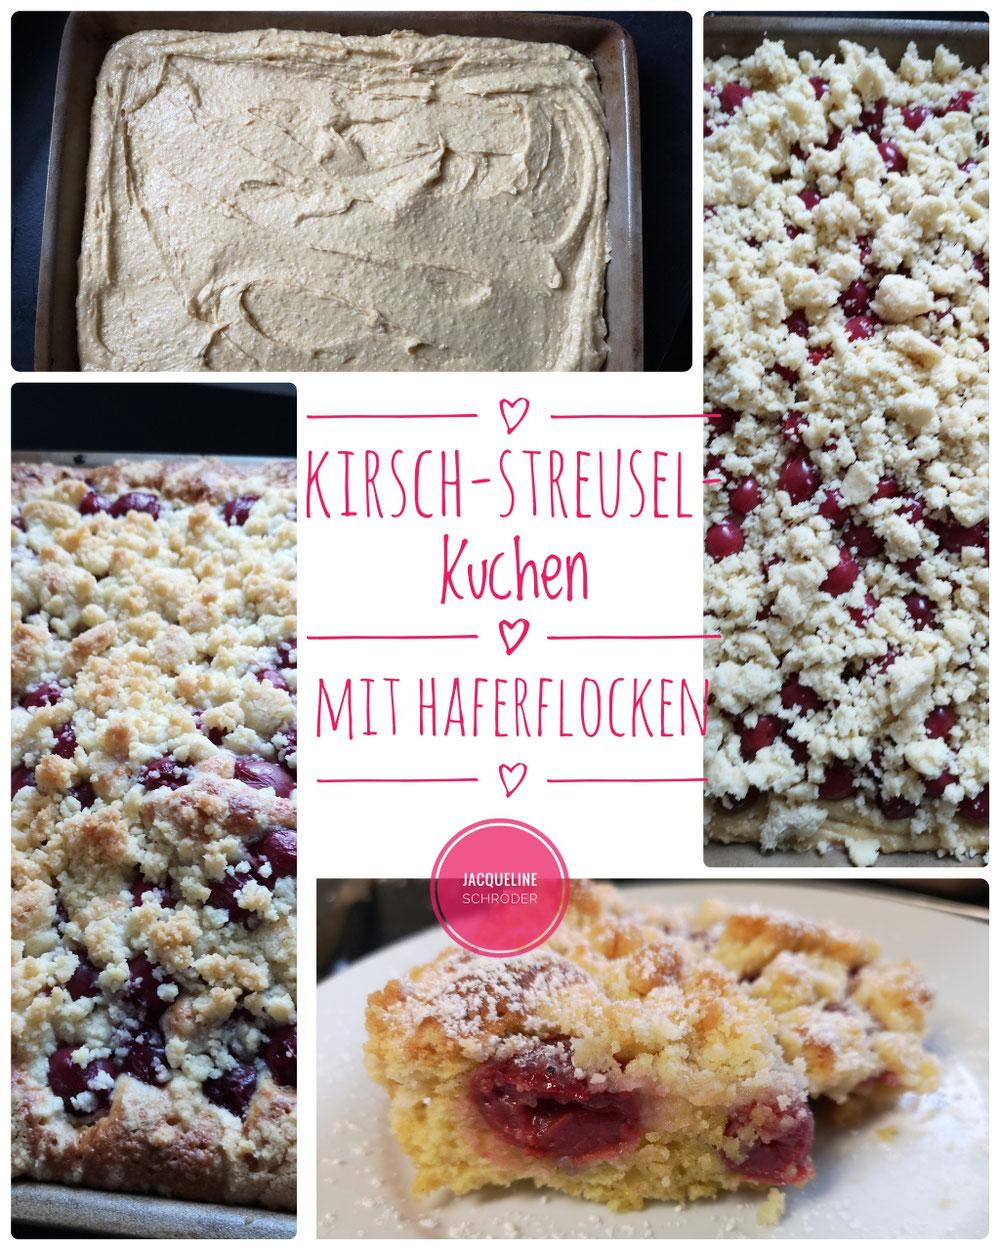 Kirsch-Streusel-Kuchen mit Haferflocken